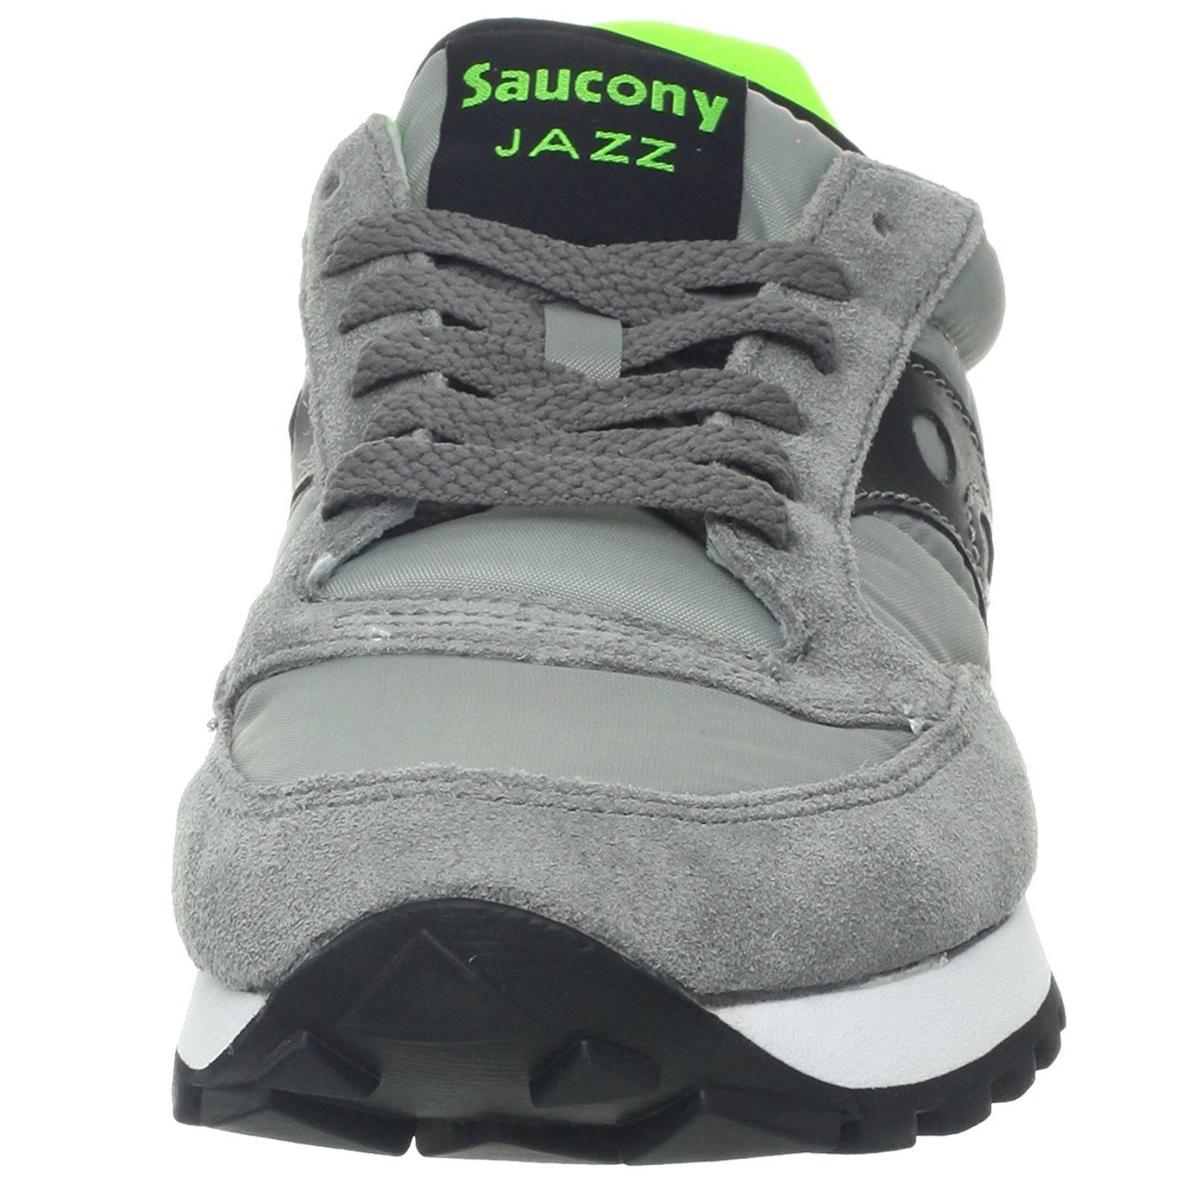 Scarpe Saucony Jazz Original - Uomo 2044-288 www.montorostore.it